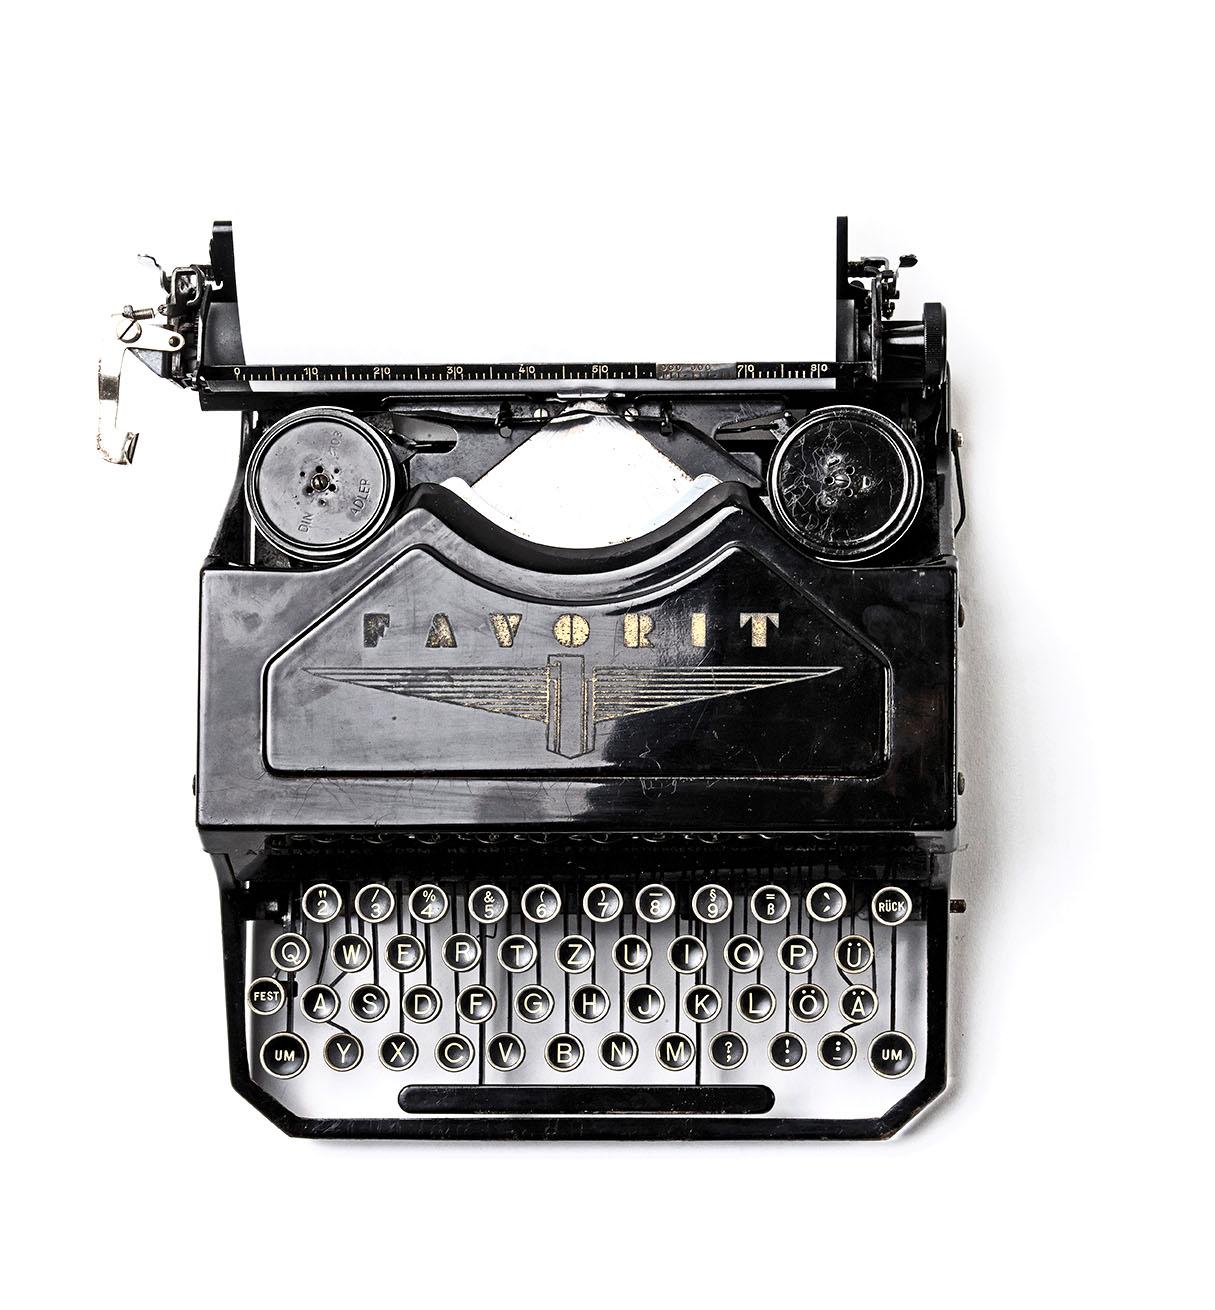 schreibmaschine-florian-klauer-mk7D-4UCfmg-unsplash